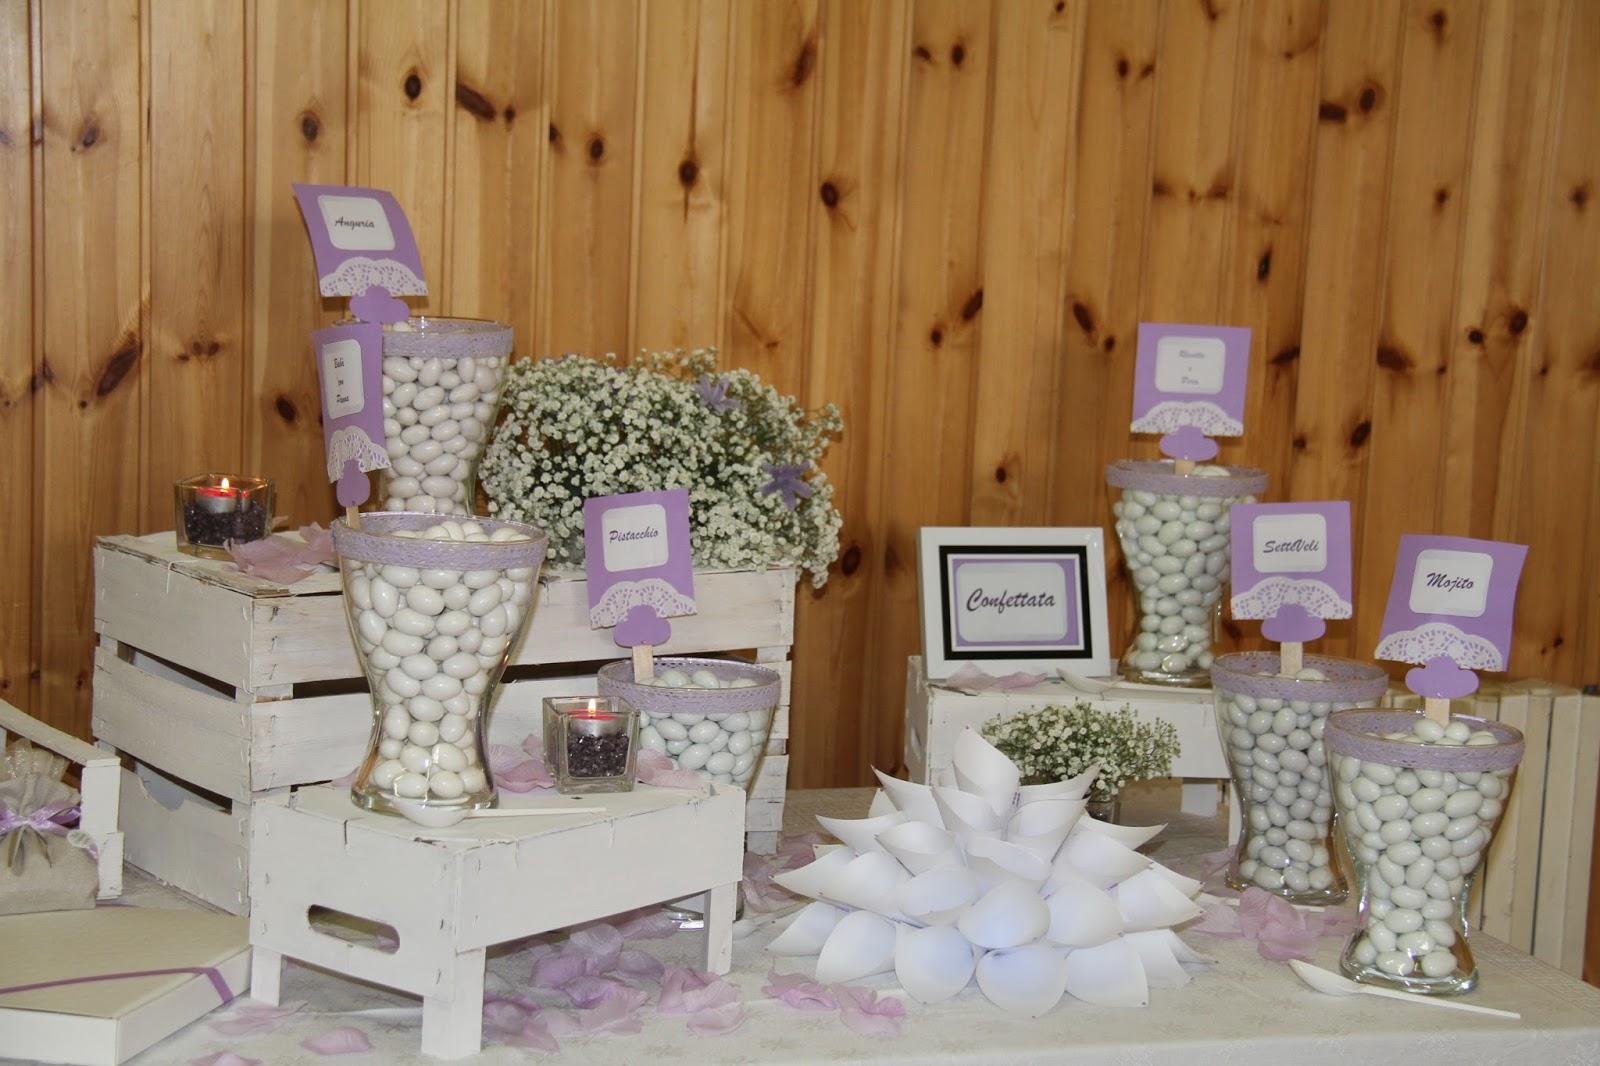 Alessandra verde wedding planner confettata shabby chic - Confettata matrimonio a casa ...